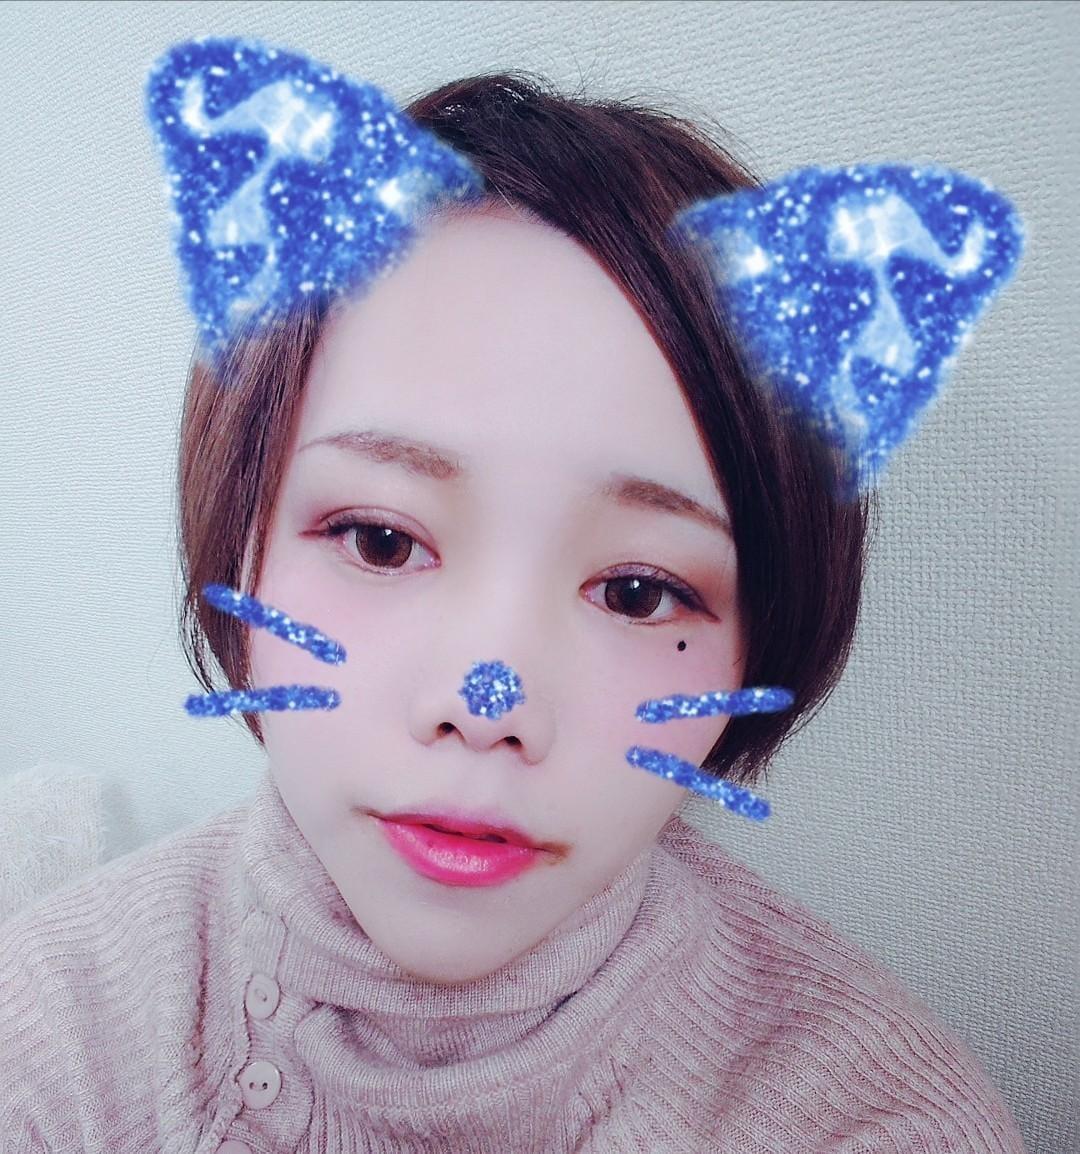 朧-おぼろ「急遽!」10/22(月) 20:41   朧-おぼろの写メ・風俗動画